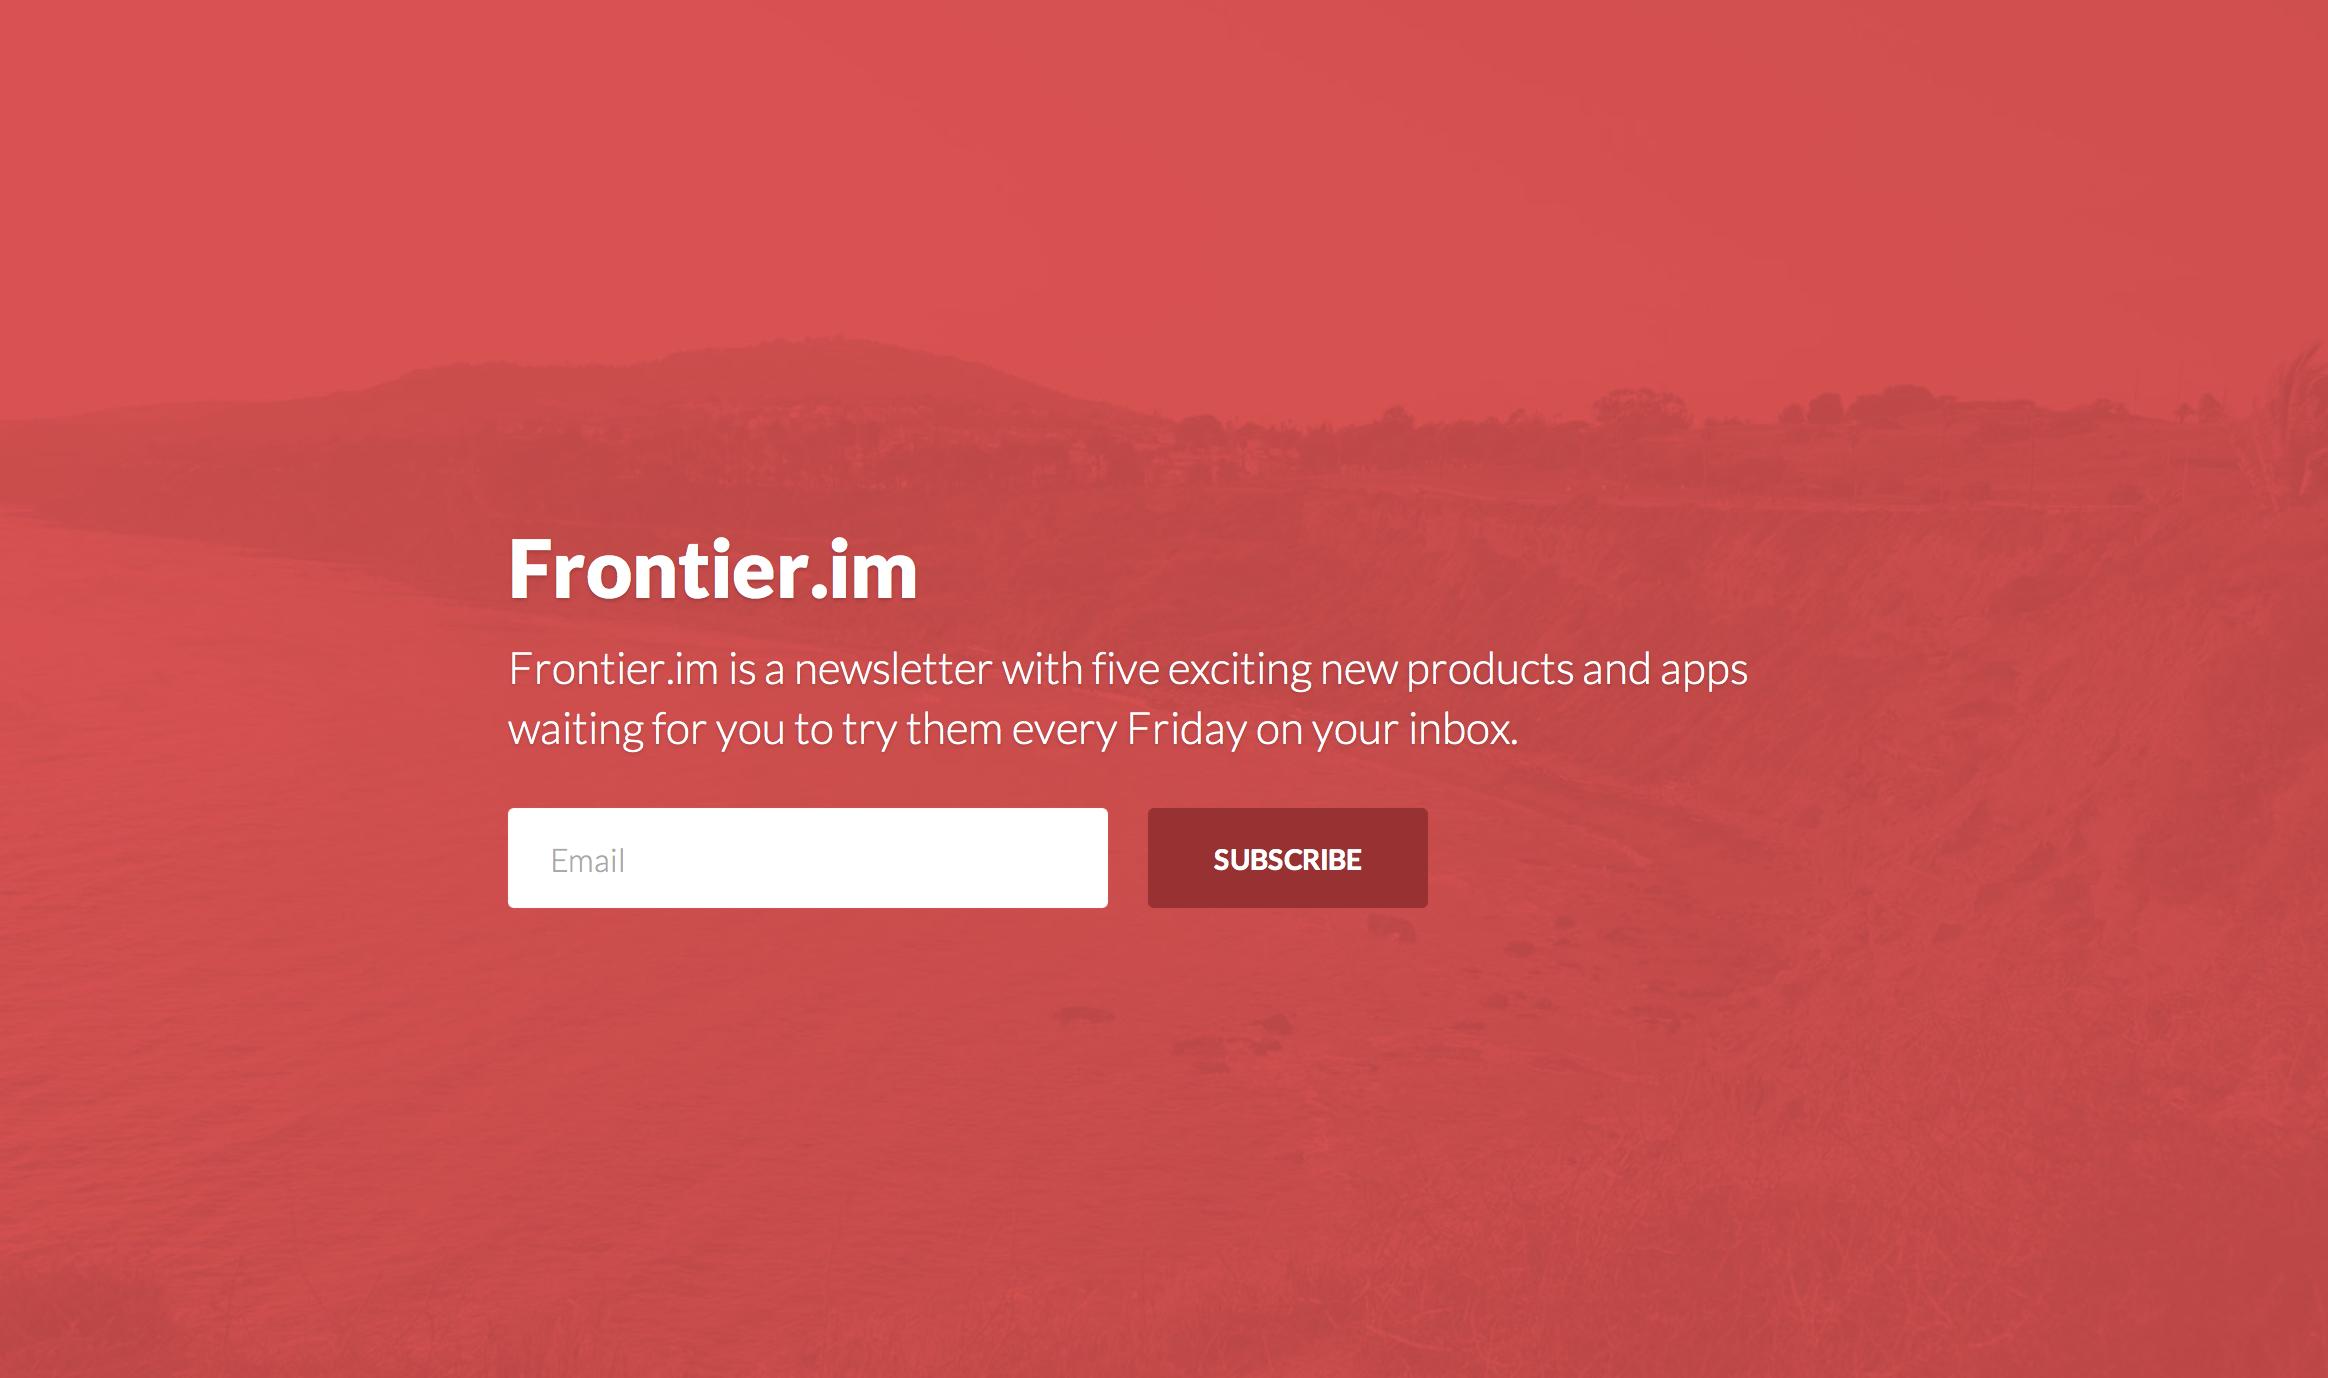 Frontier.im